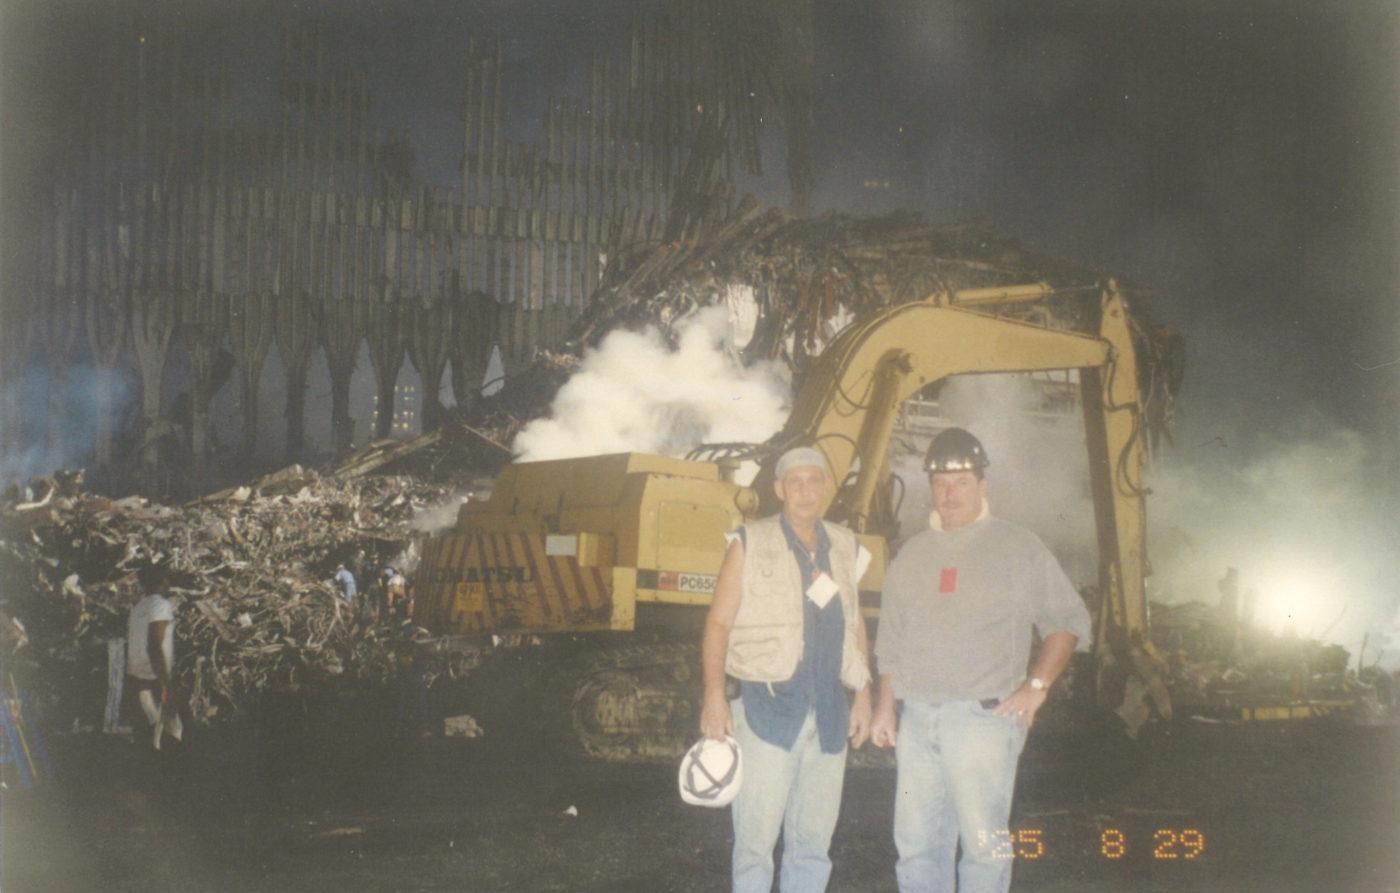 Sonny (left) at Ground Zero